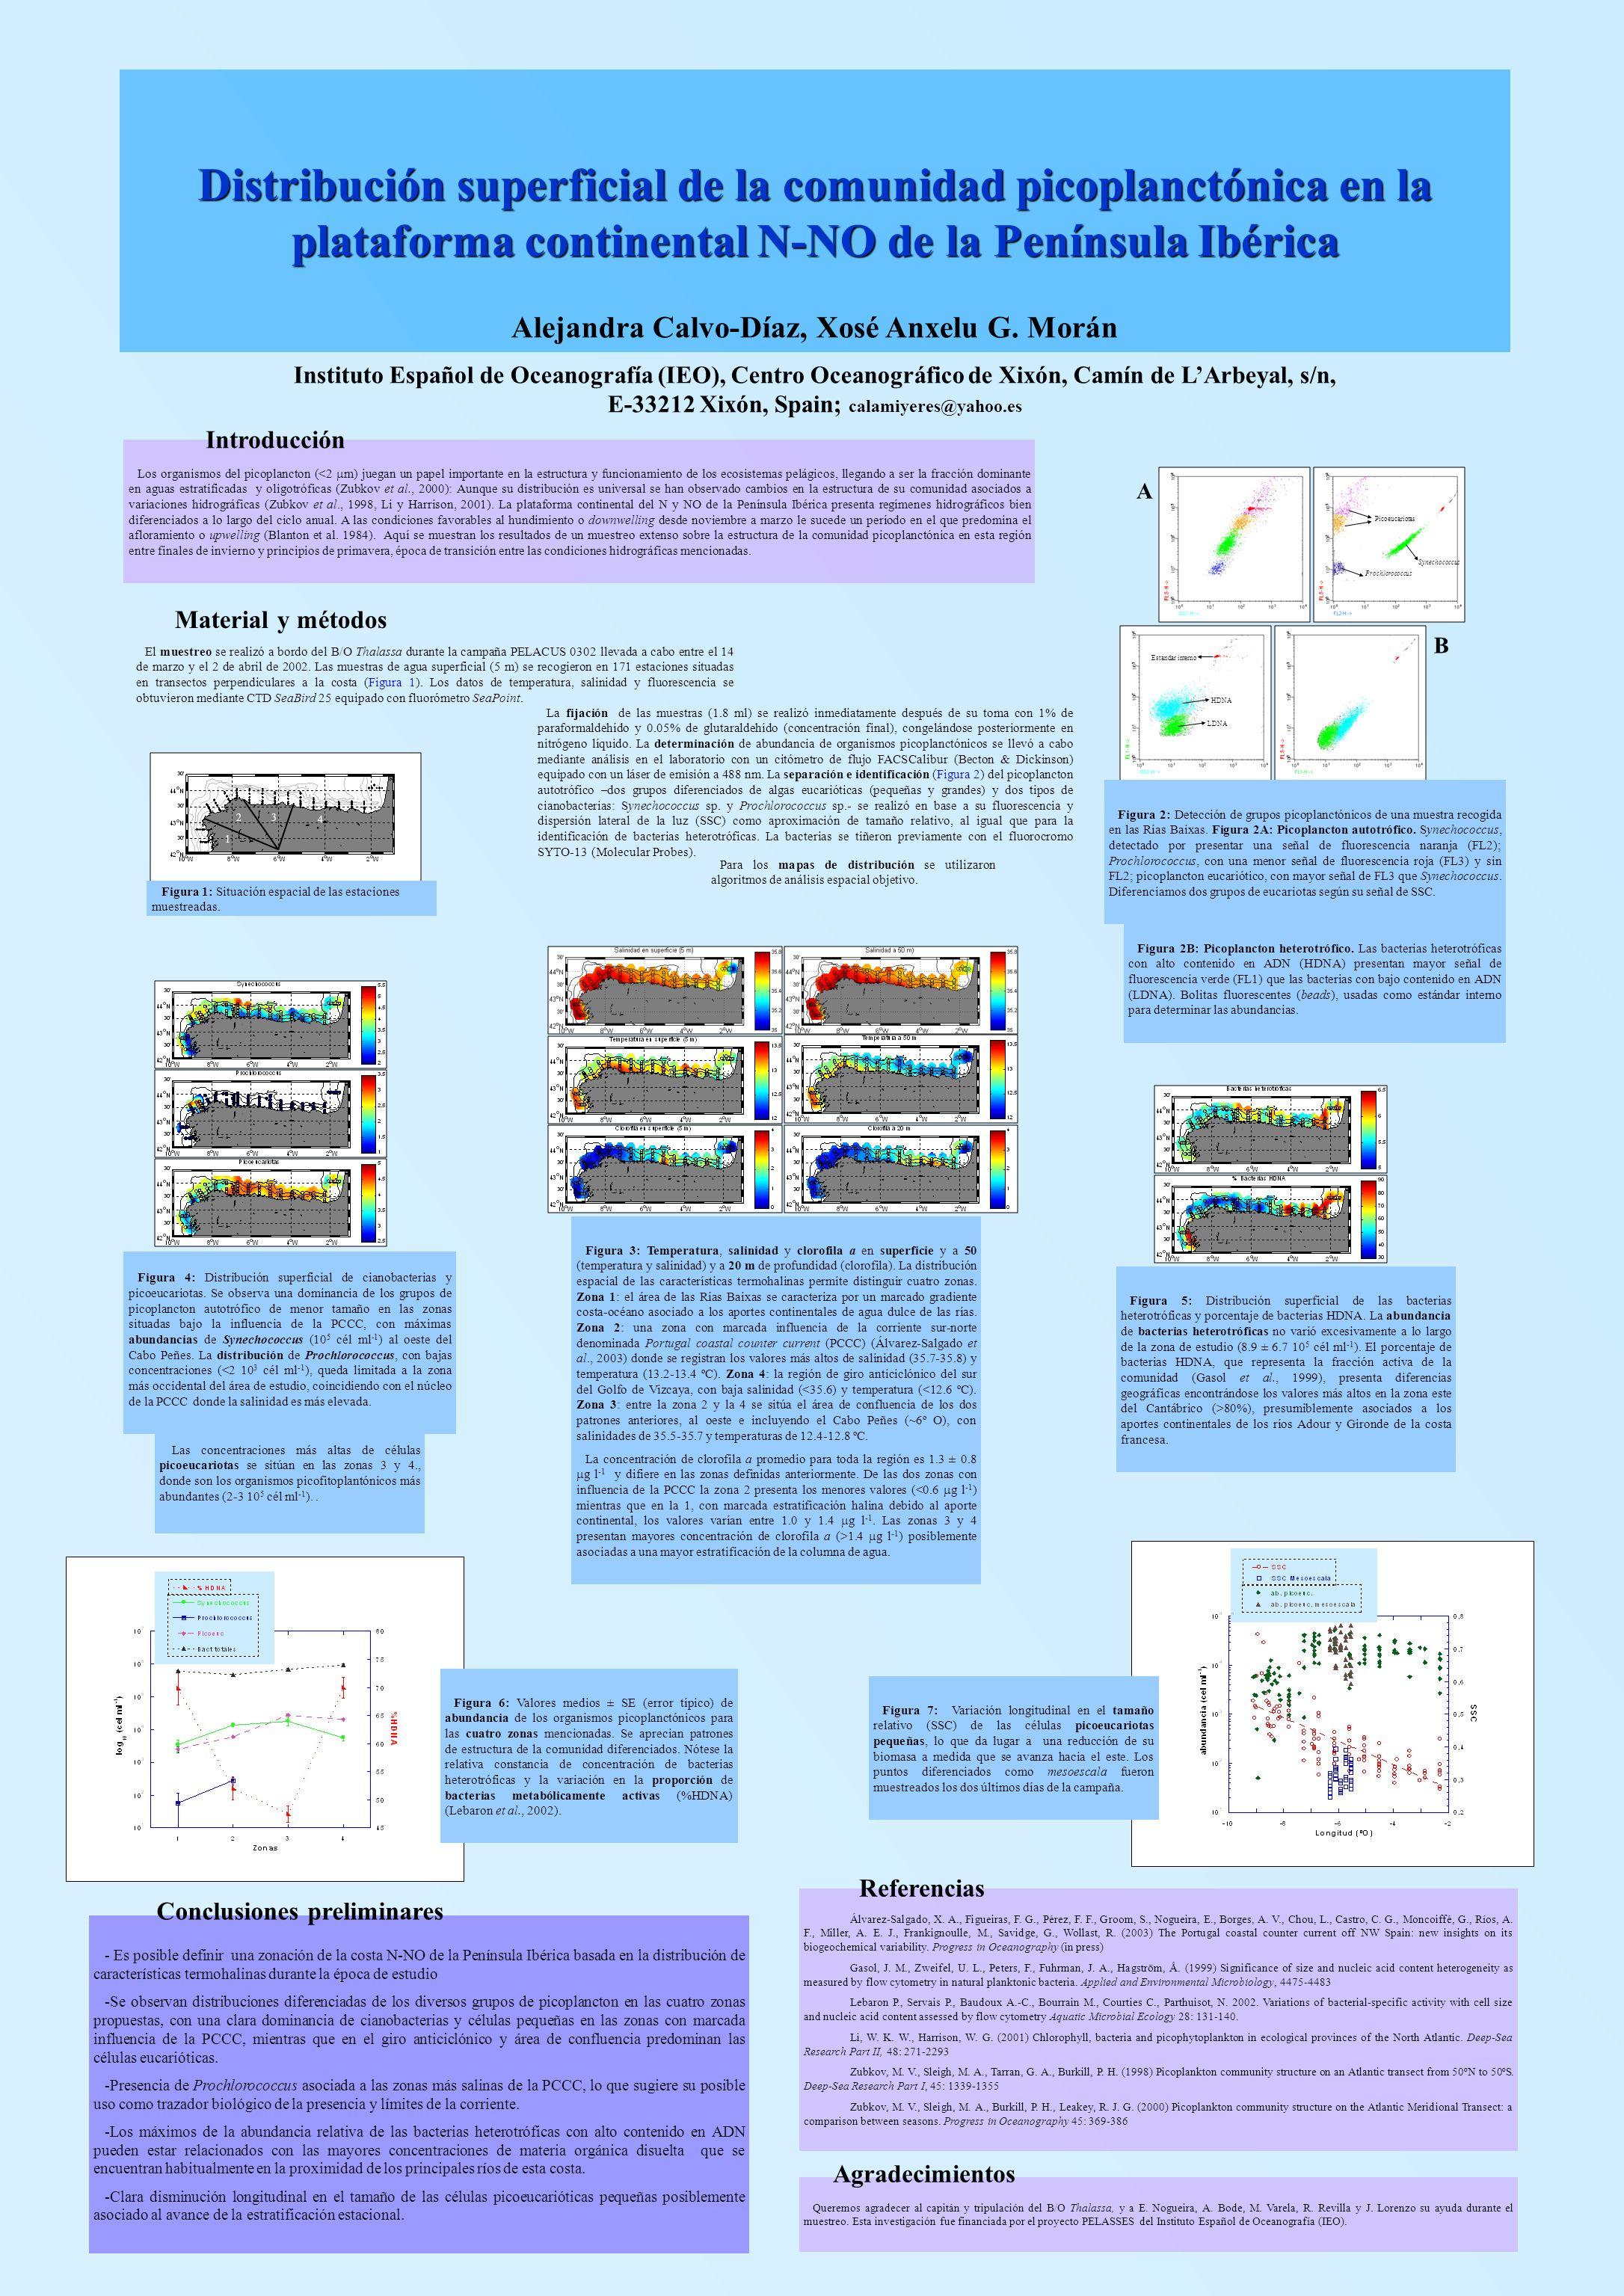 Distribución superficial de la comunidad picoplanctónica en la plataforma continental N-NO de la Península Ibérica Los organismos del picoplancton (<2